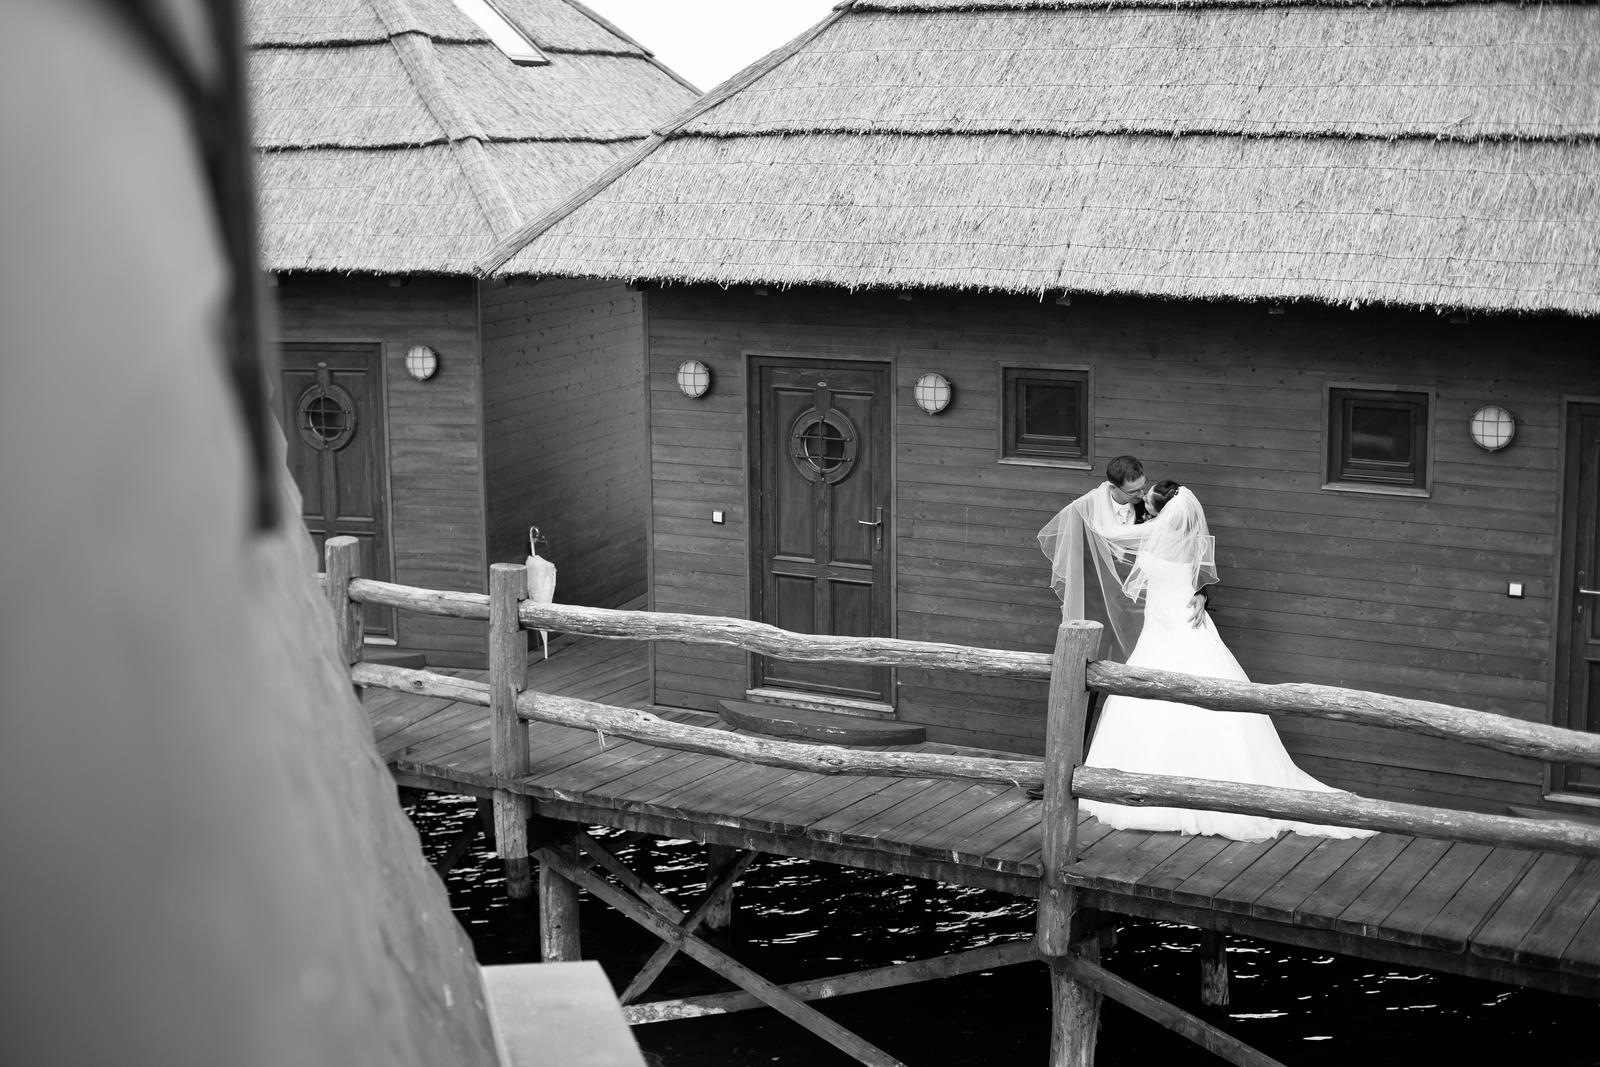 KATKA{{_AND_}} PEŤO Októbrová romanca - Zahalený ruskom tajomstva:)